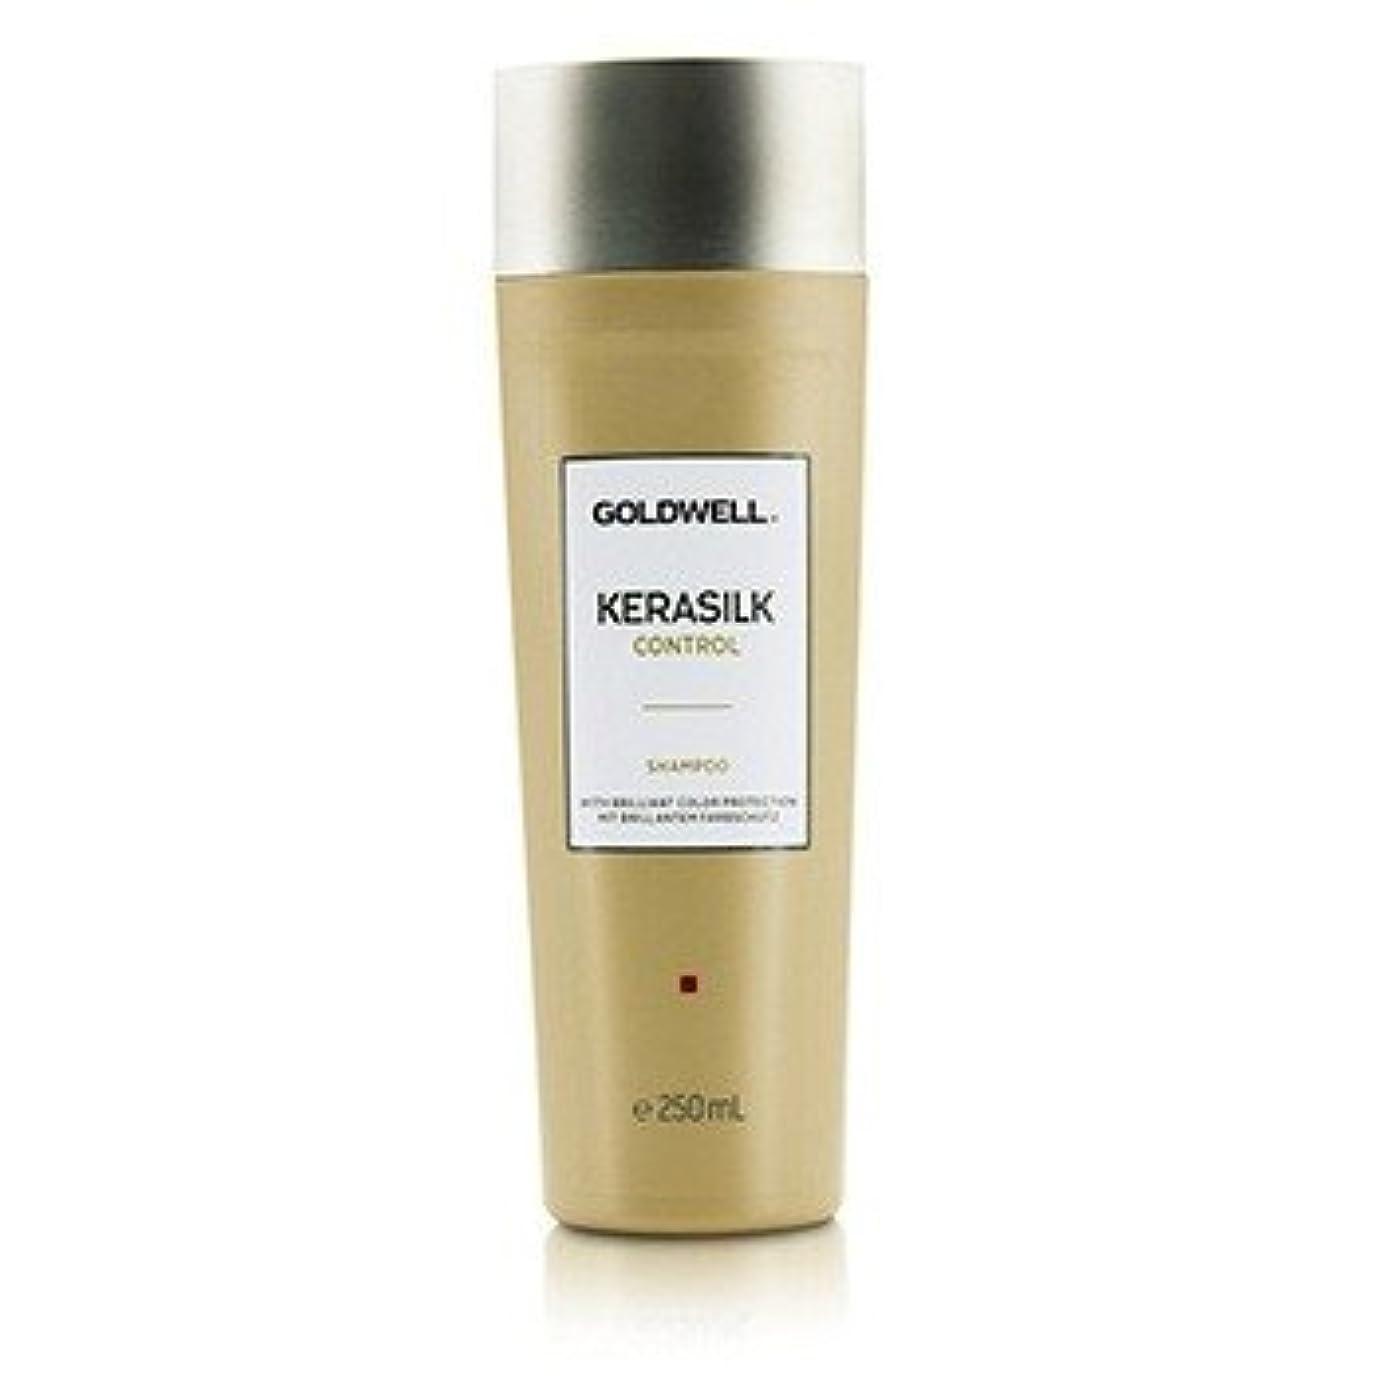 開示するパーク仮称[Goldwell] Kerasilk Control Shampoo (For Unmanageable Unruly and Frizzy Hair) 250ml/8.4oz